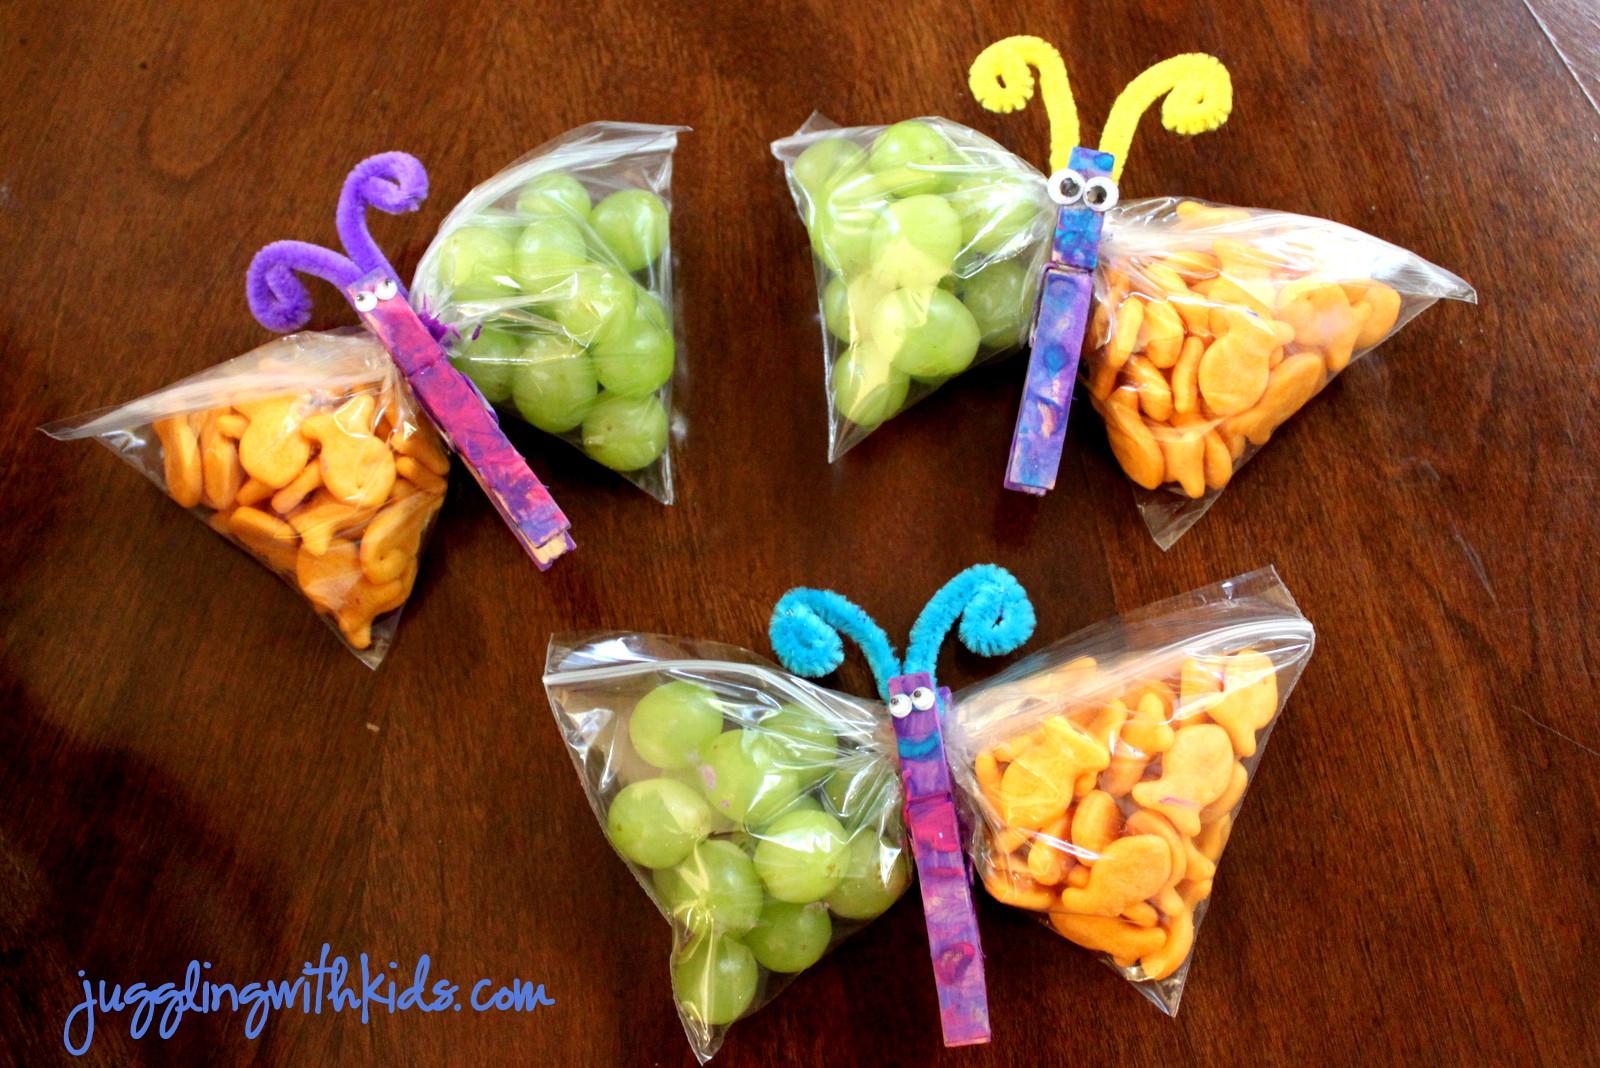 Healthy Preschool Snacks  Butterfly Snacks – Juggling With Kids